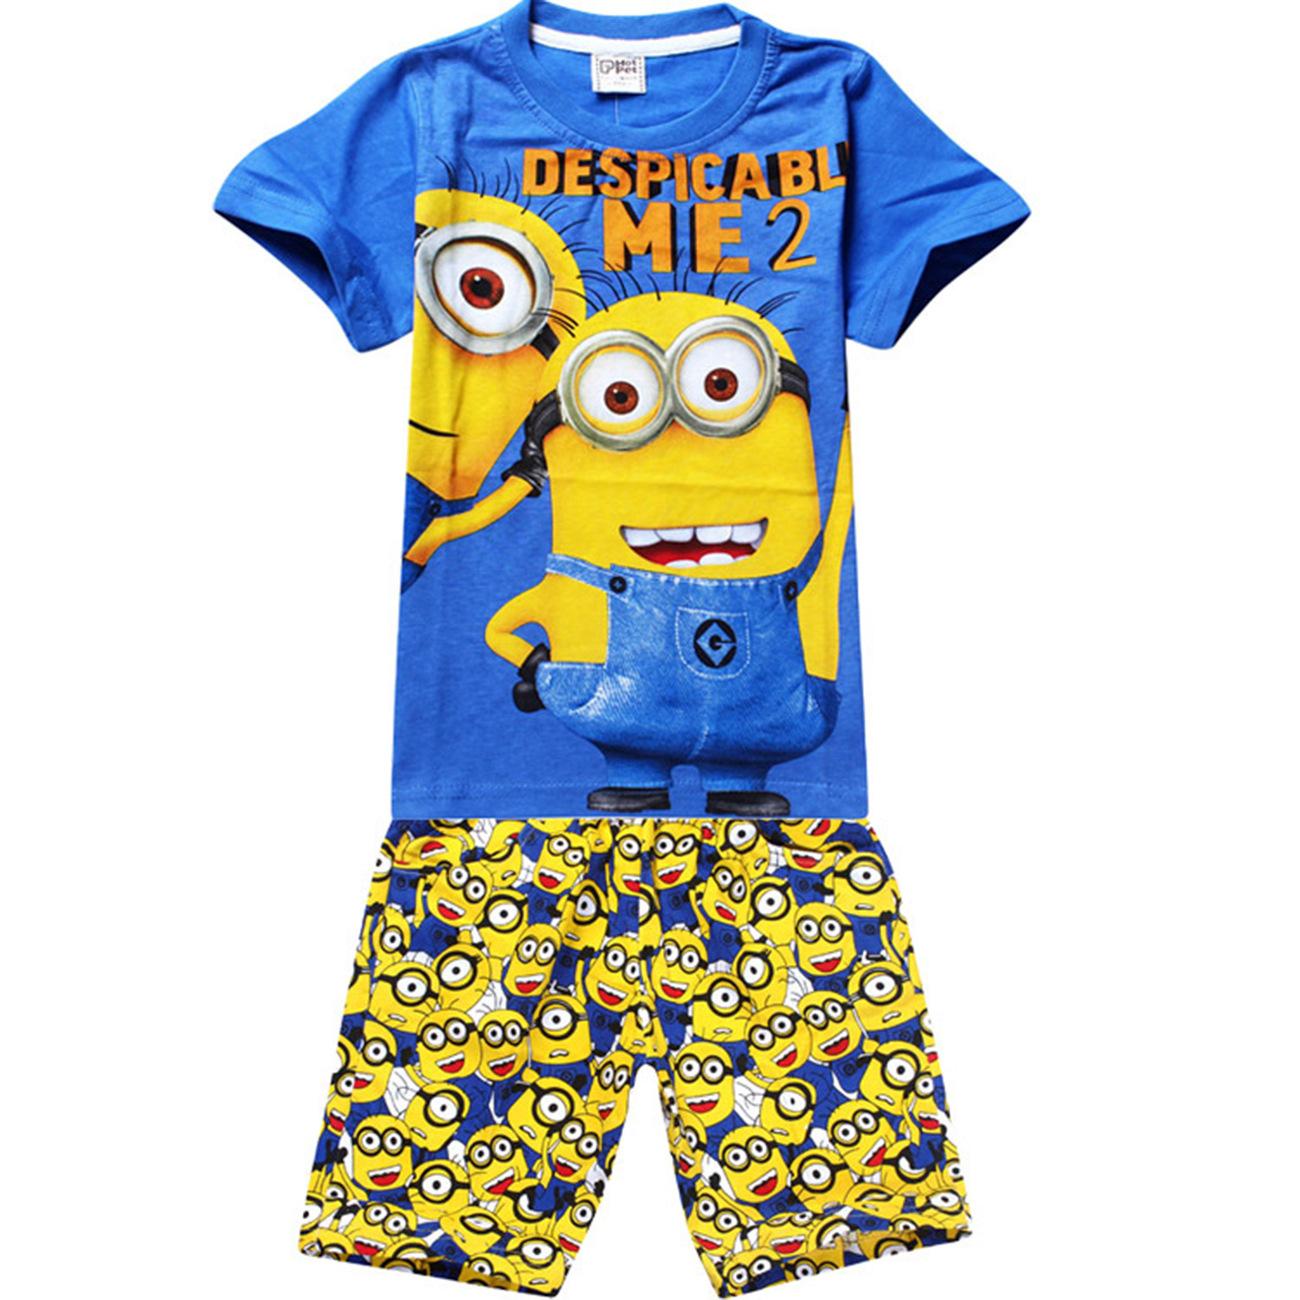 despicable me yellow minion clothes